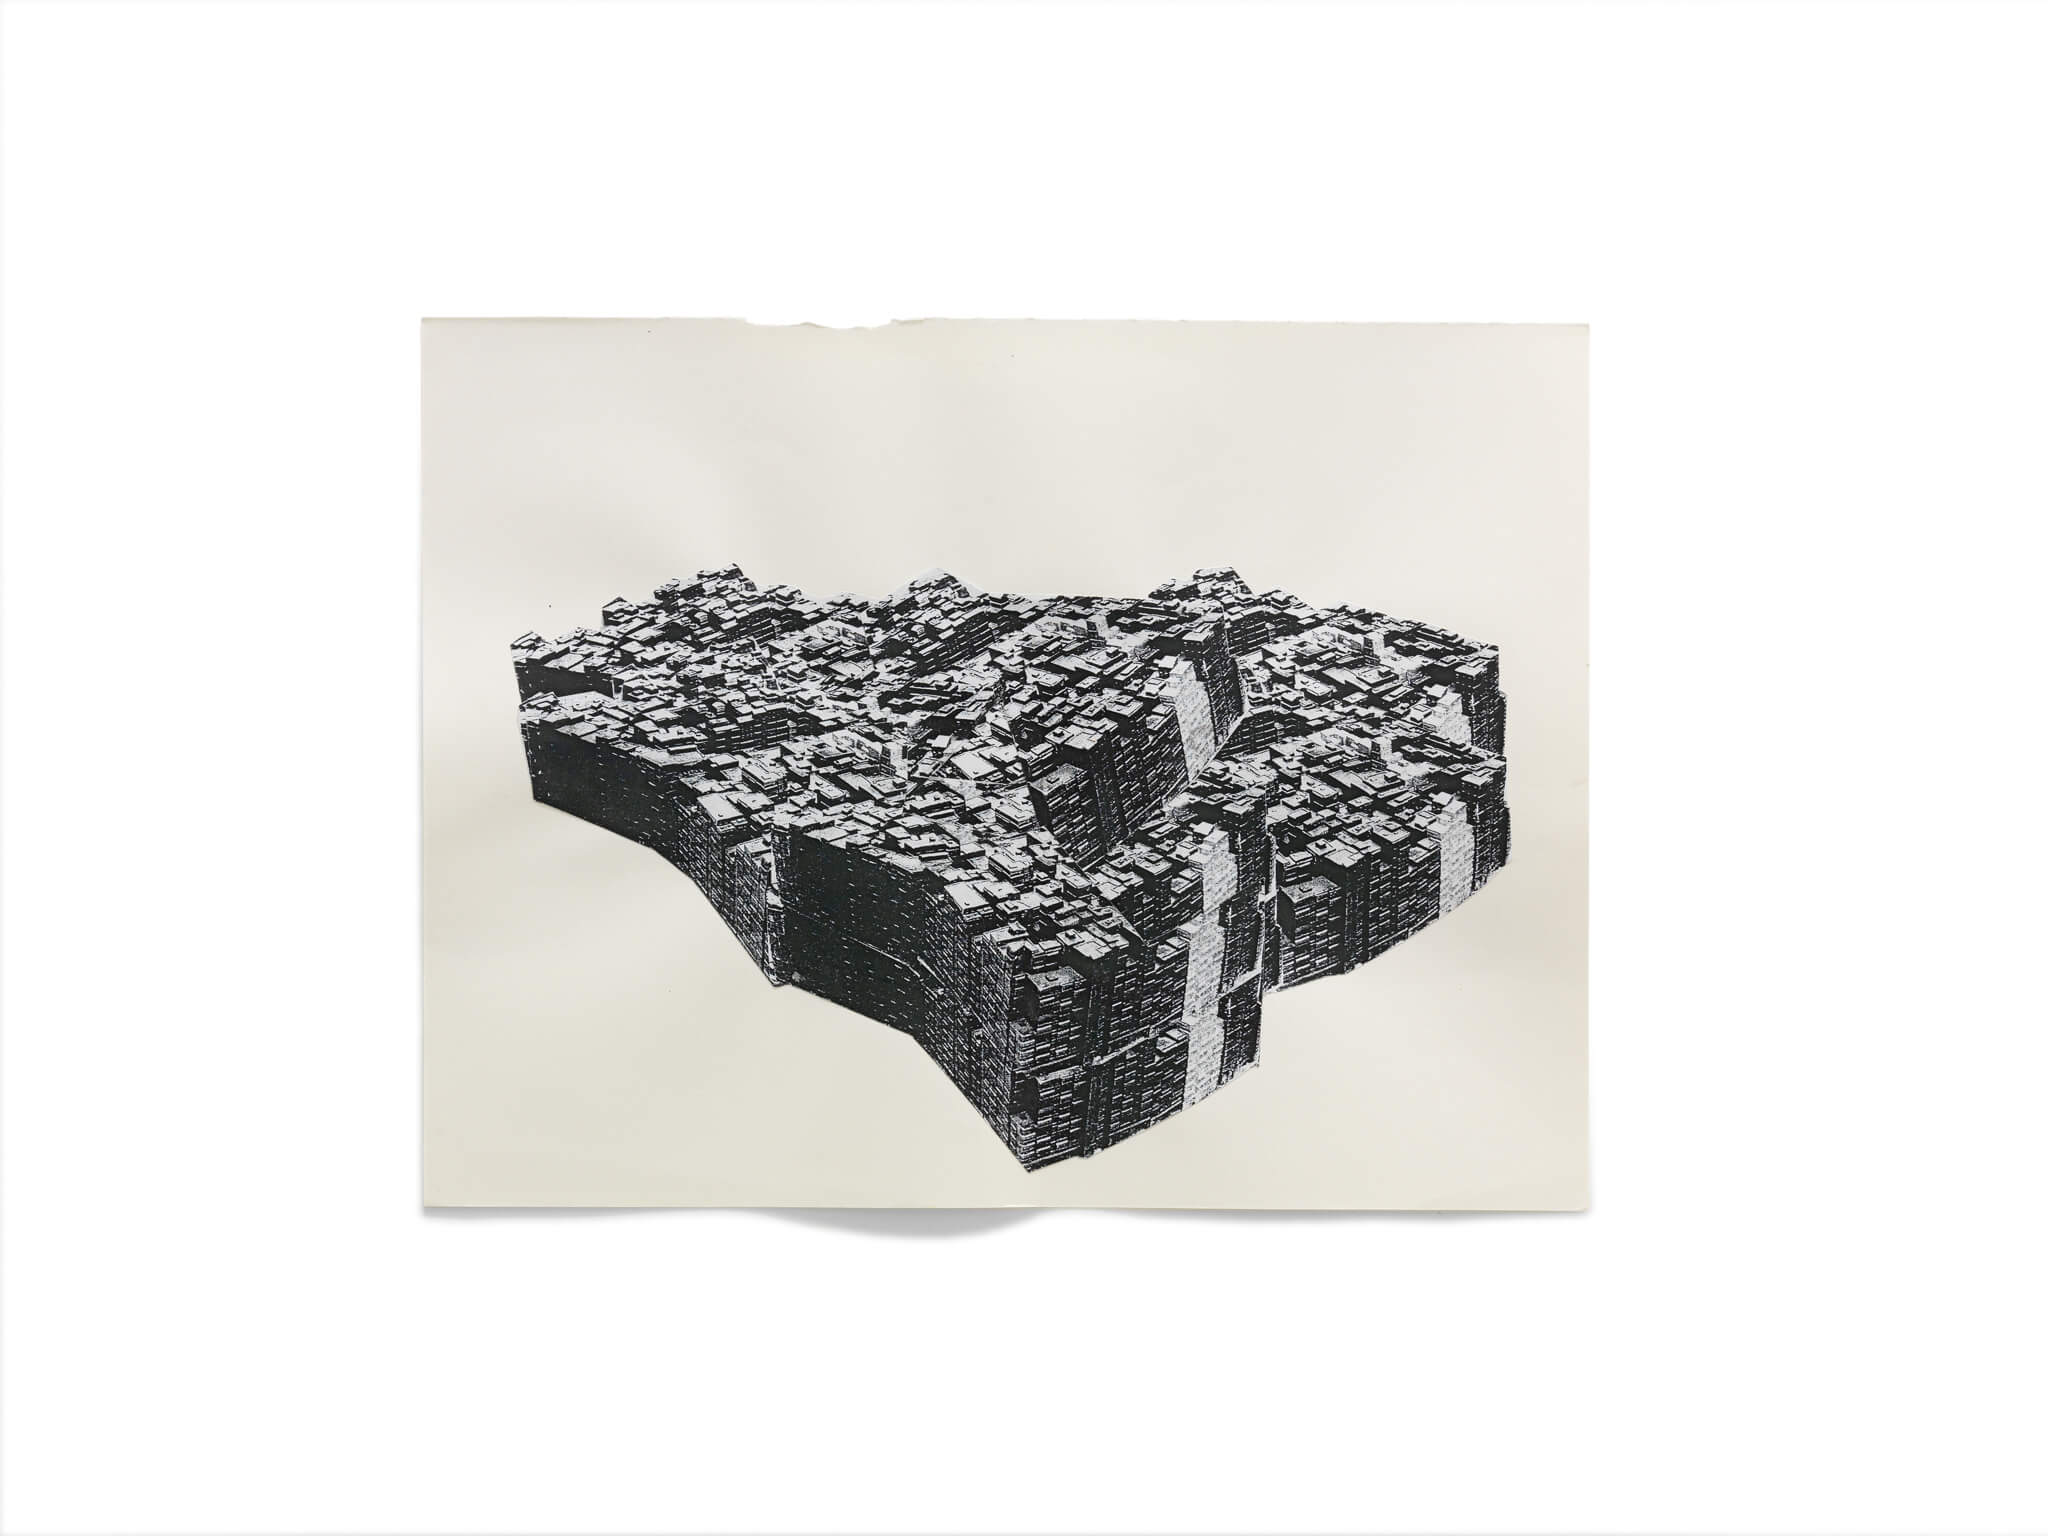 70_Frauke-Dannert_Collage_Papiercollage_Kowloon_2012